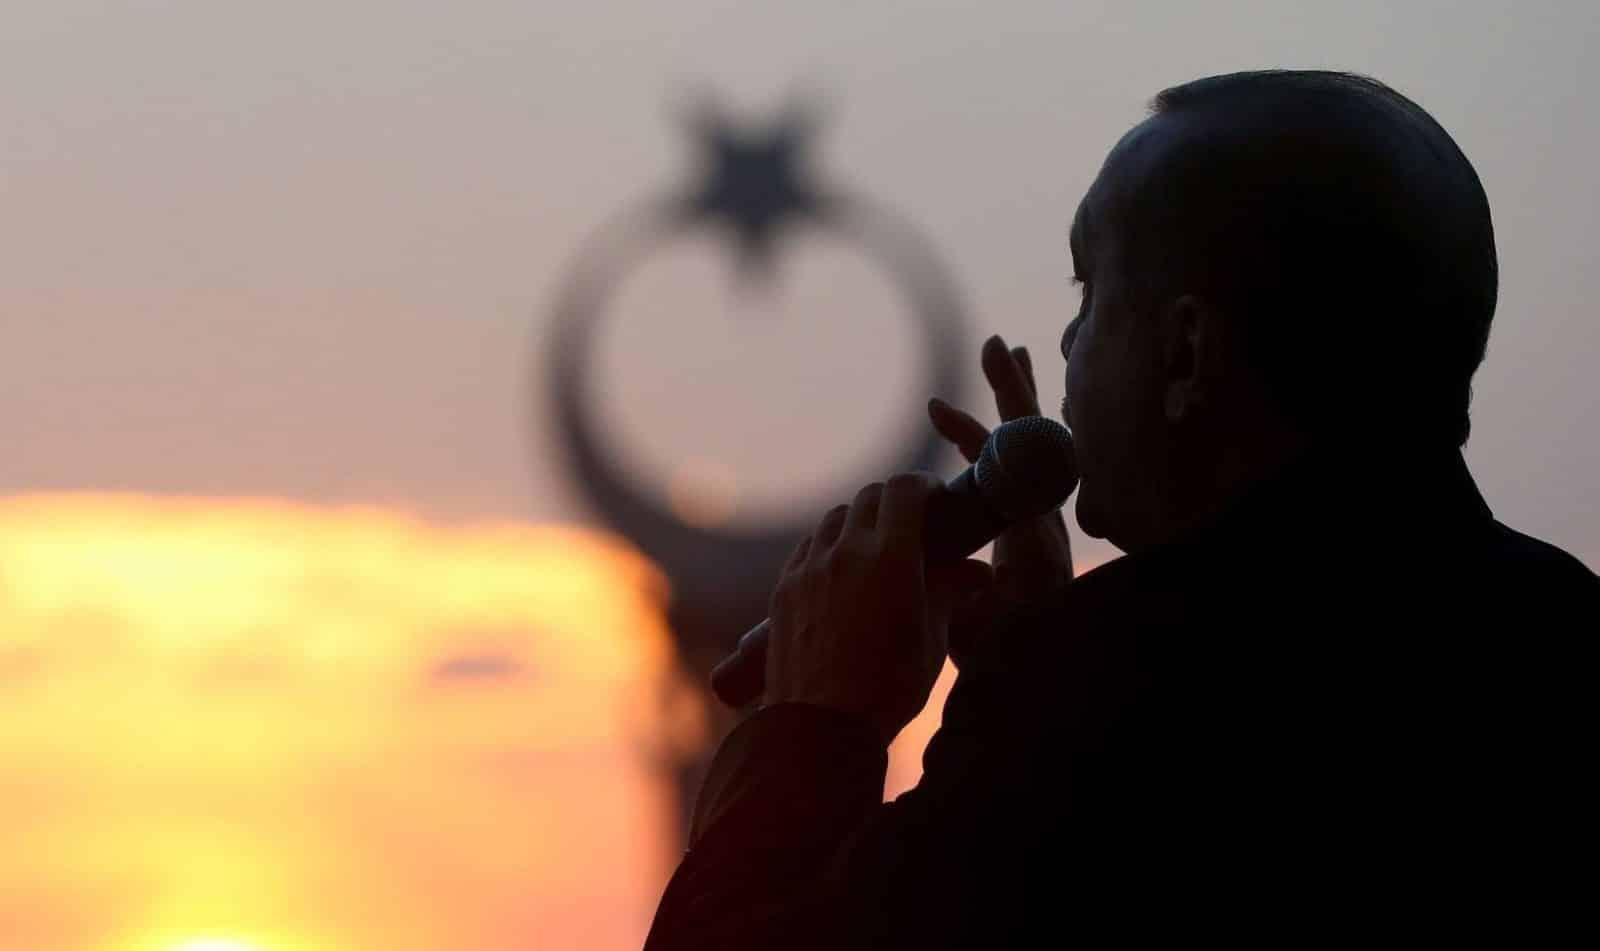 Λιμάνι από την Τυνησία για τον τουρκικό στόλο απαιτεί ο Ερντογάν Ερντογάν: Πολεμικές ιαχές για Αιγαίο Ενίσχυση δυνάμεων στην Λιβύη Ερντογάν ζει Κυπριακή ΑΟΖ: Γιατί ο Ερντογάν ΔΕΝ θα τολμήσει γεώτρηση τώρα Μυστήριο με κεφάλαια 58 δισ $ στην Τουρκική Κεντρική Τράπεζα Ερντογάν